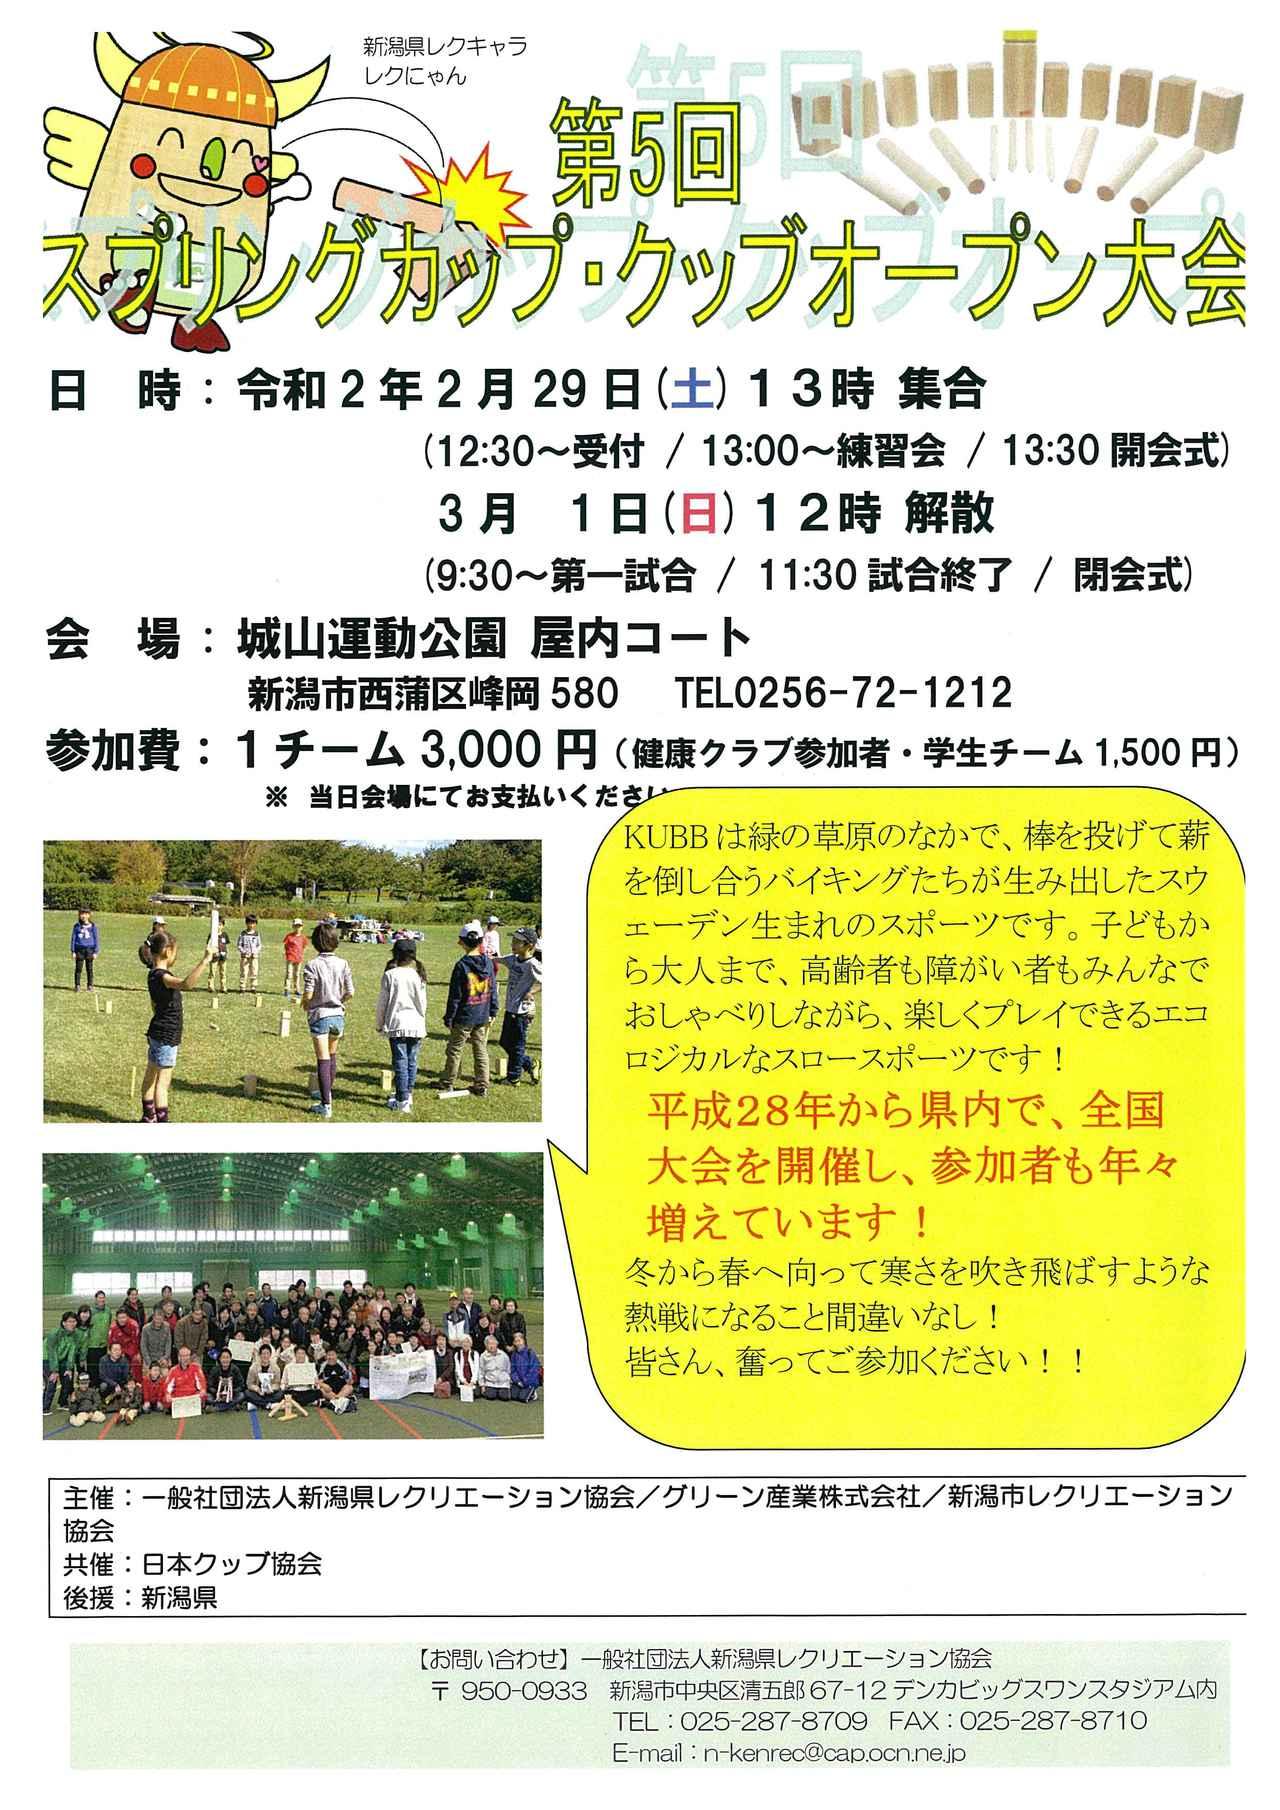 画像: 日本クッブ協会公式ホームページ